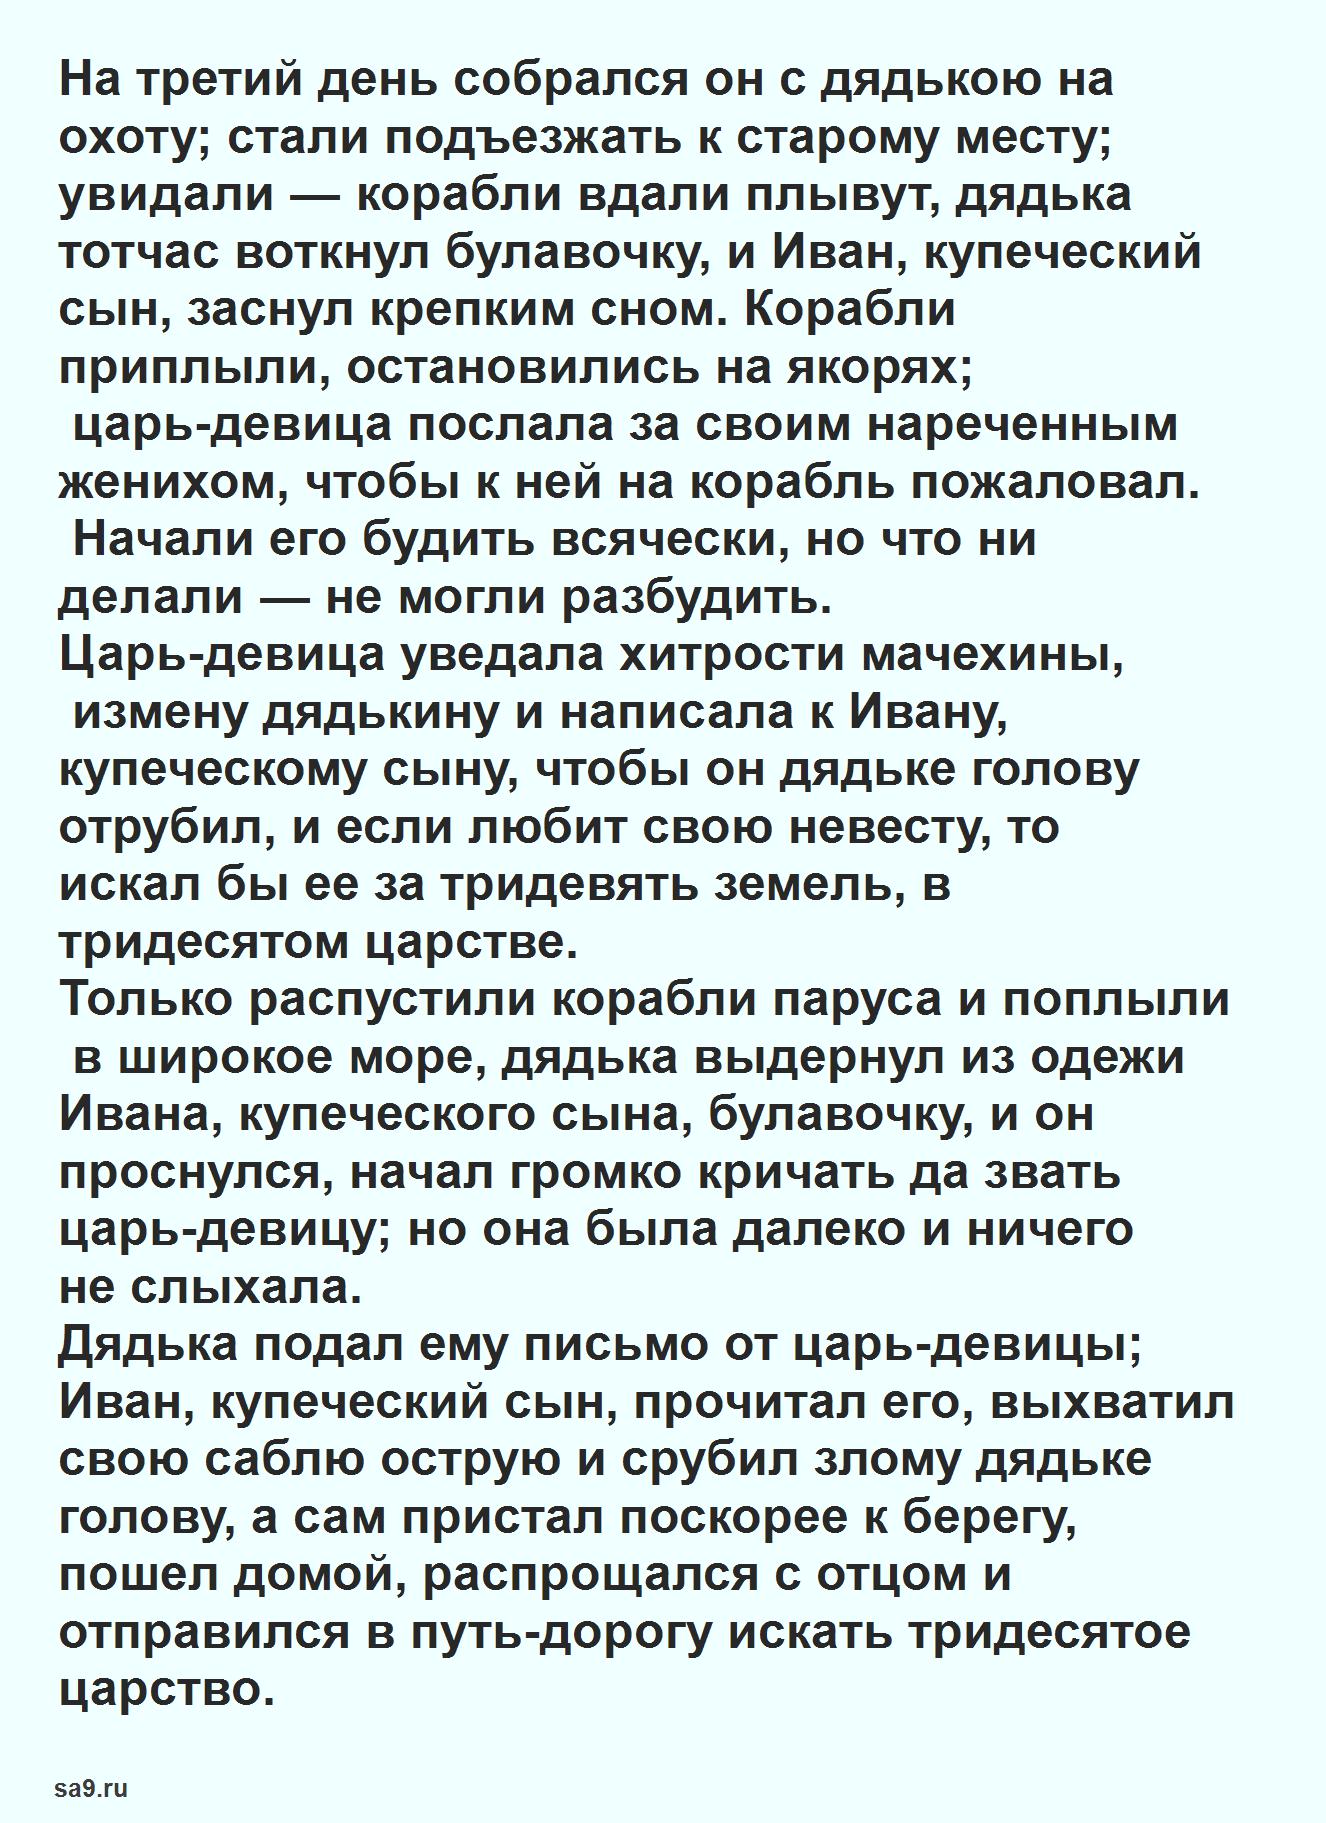 Читать русскую народную сказку - Царь девица